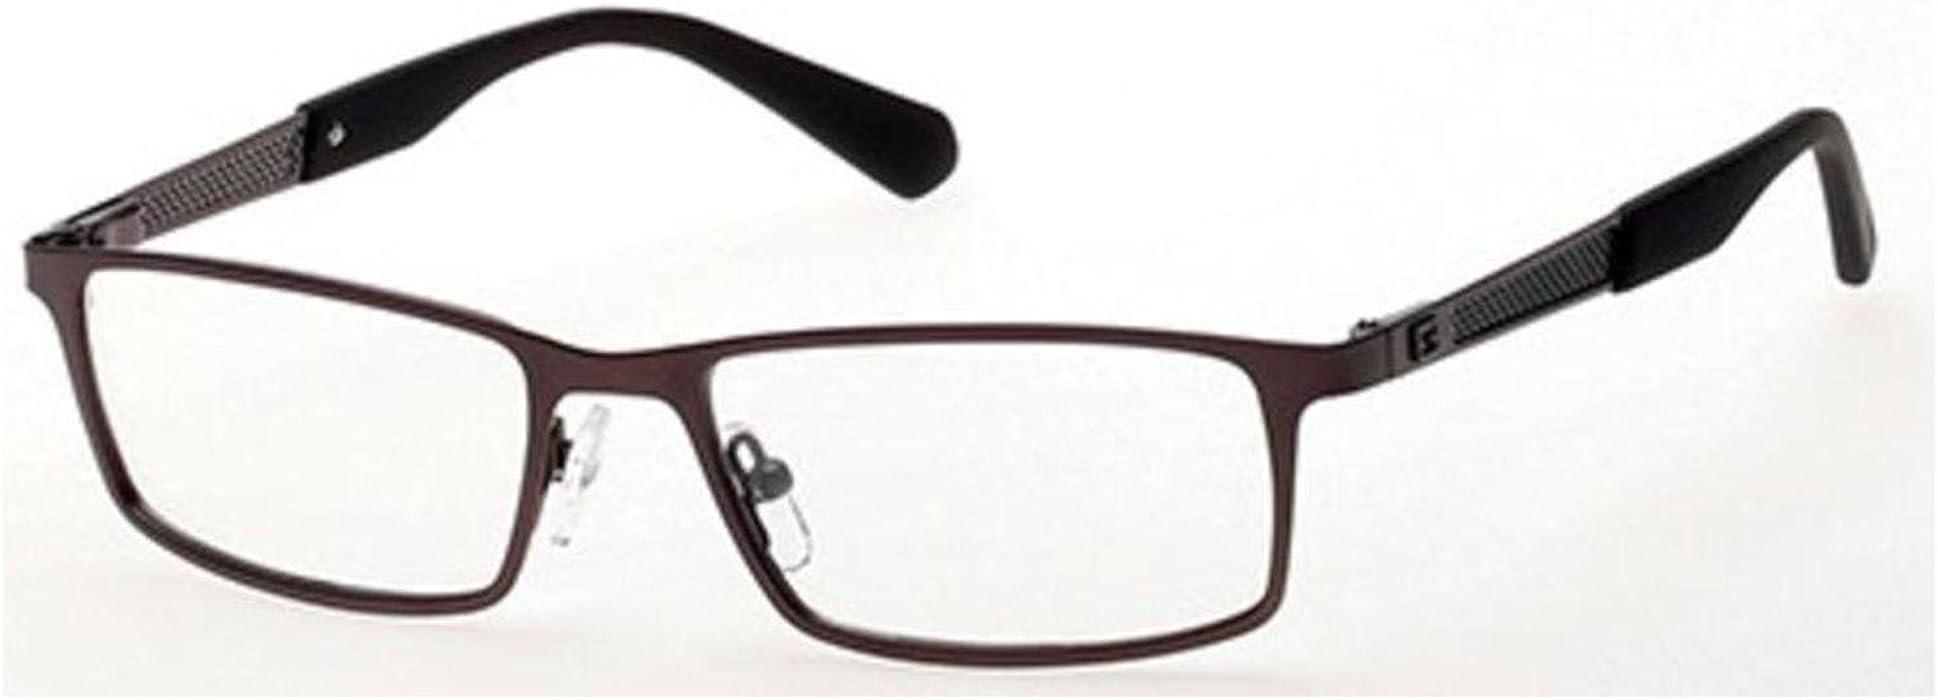 Guess Men\'s Eyeglasses GU1860 GU/1860 009 Gunmetal Full Rim Optical ...